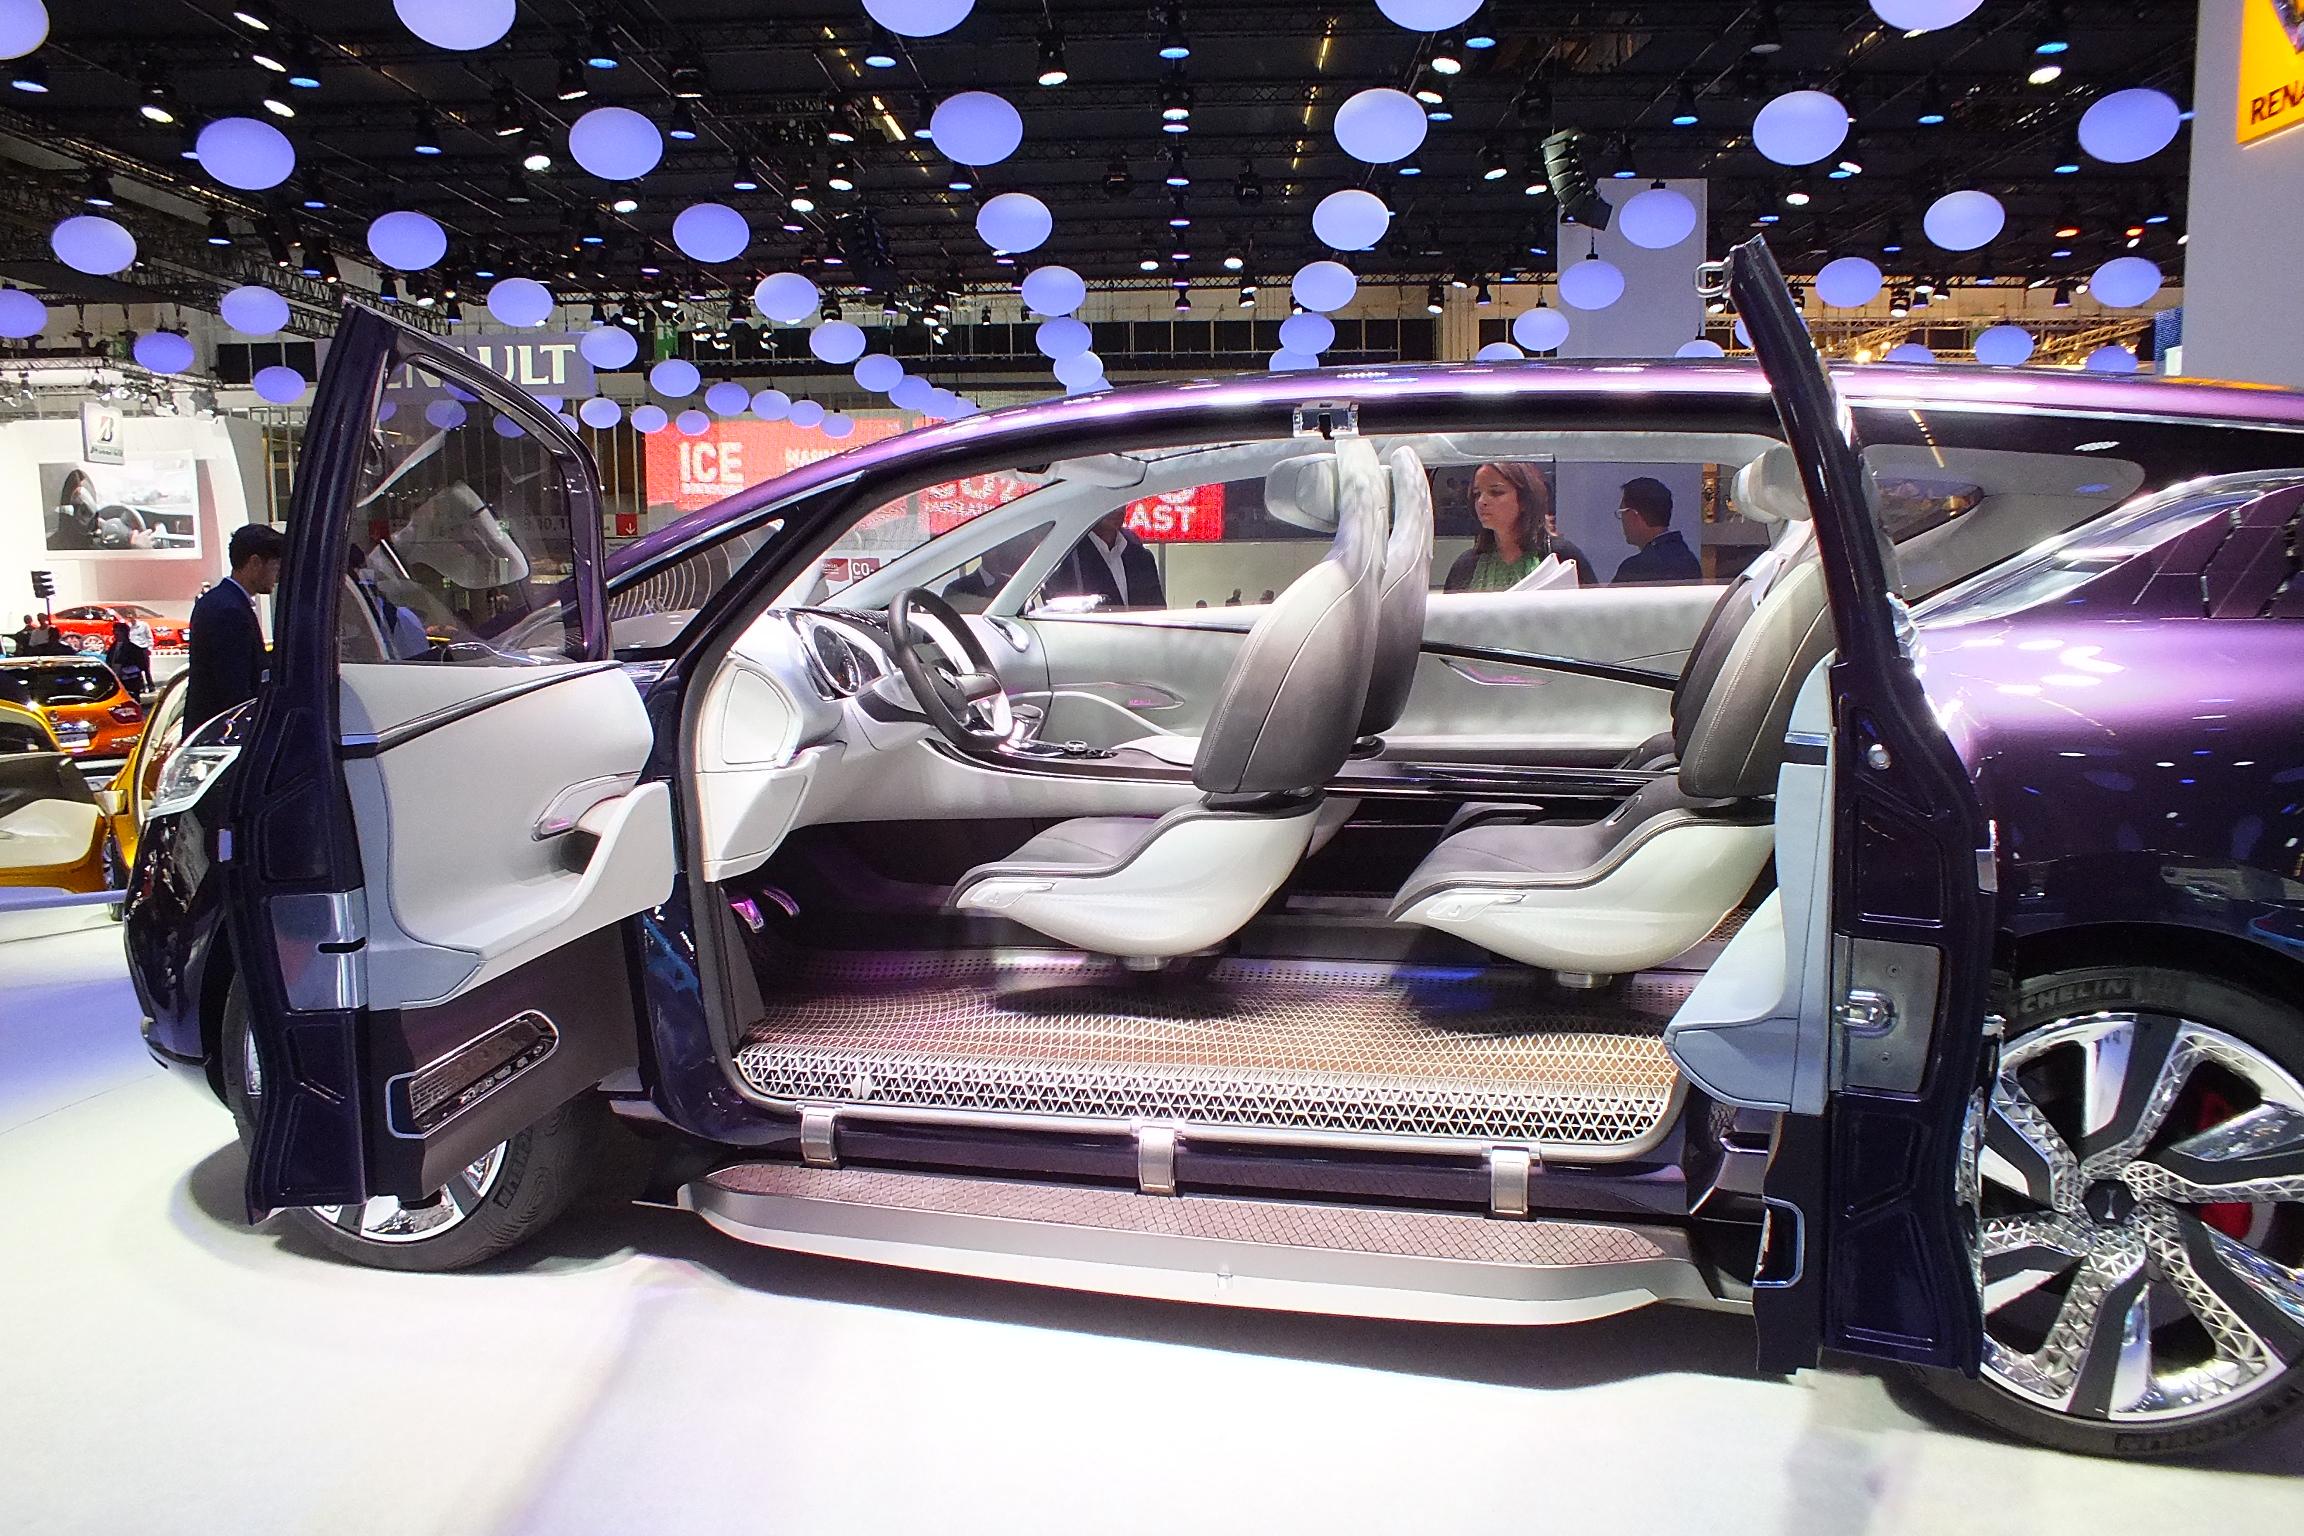 http://images.caradisiac.com/images/9/1/0/0/89100/S0-En-direct-du-salon-de-Francfort-2013-Renault-Concept-Initiale-Paris-le-6e-petale-fait-Bling-302678.jpg